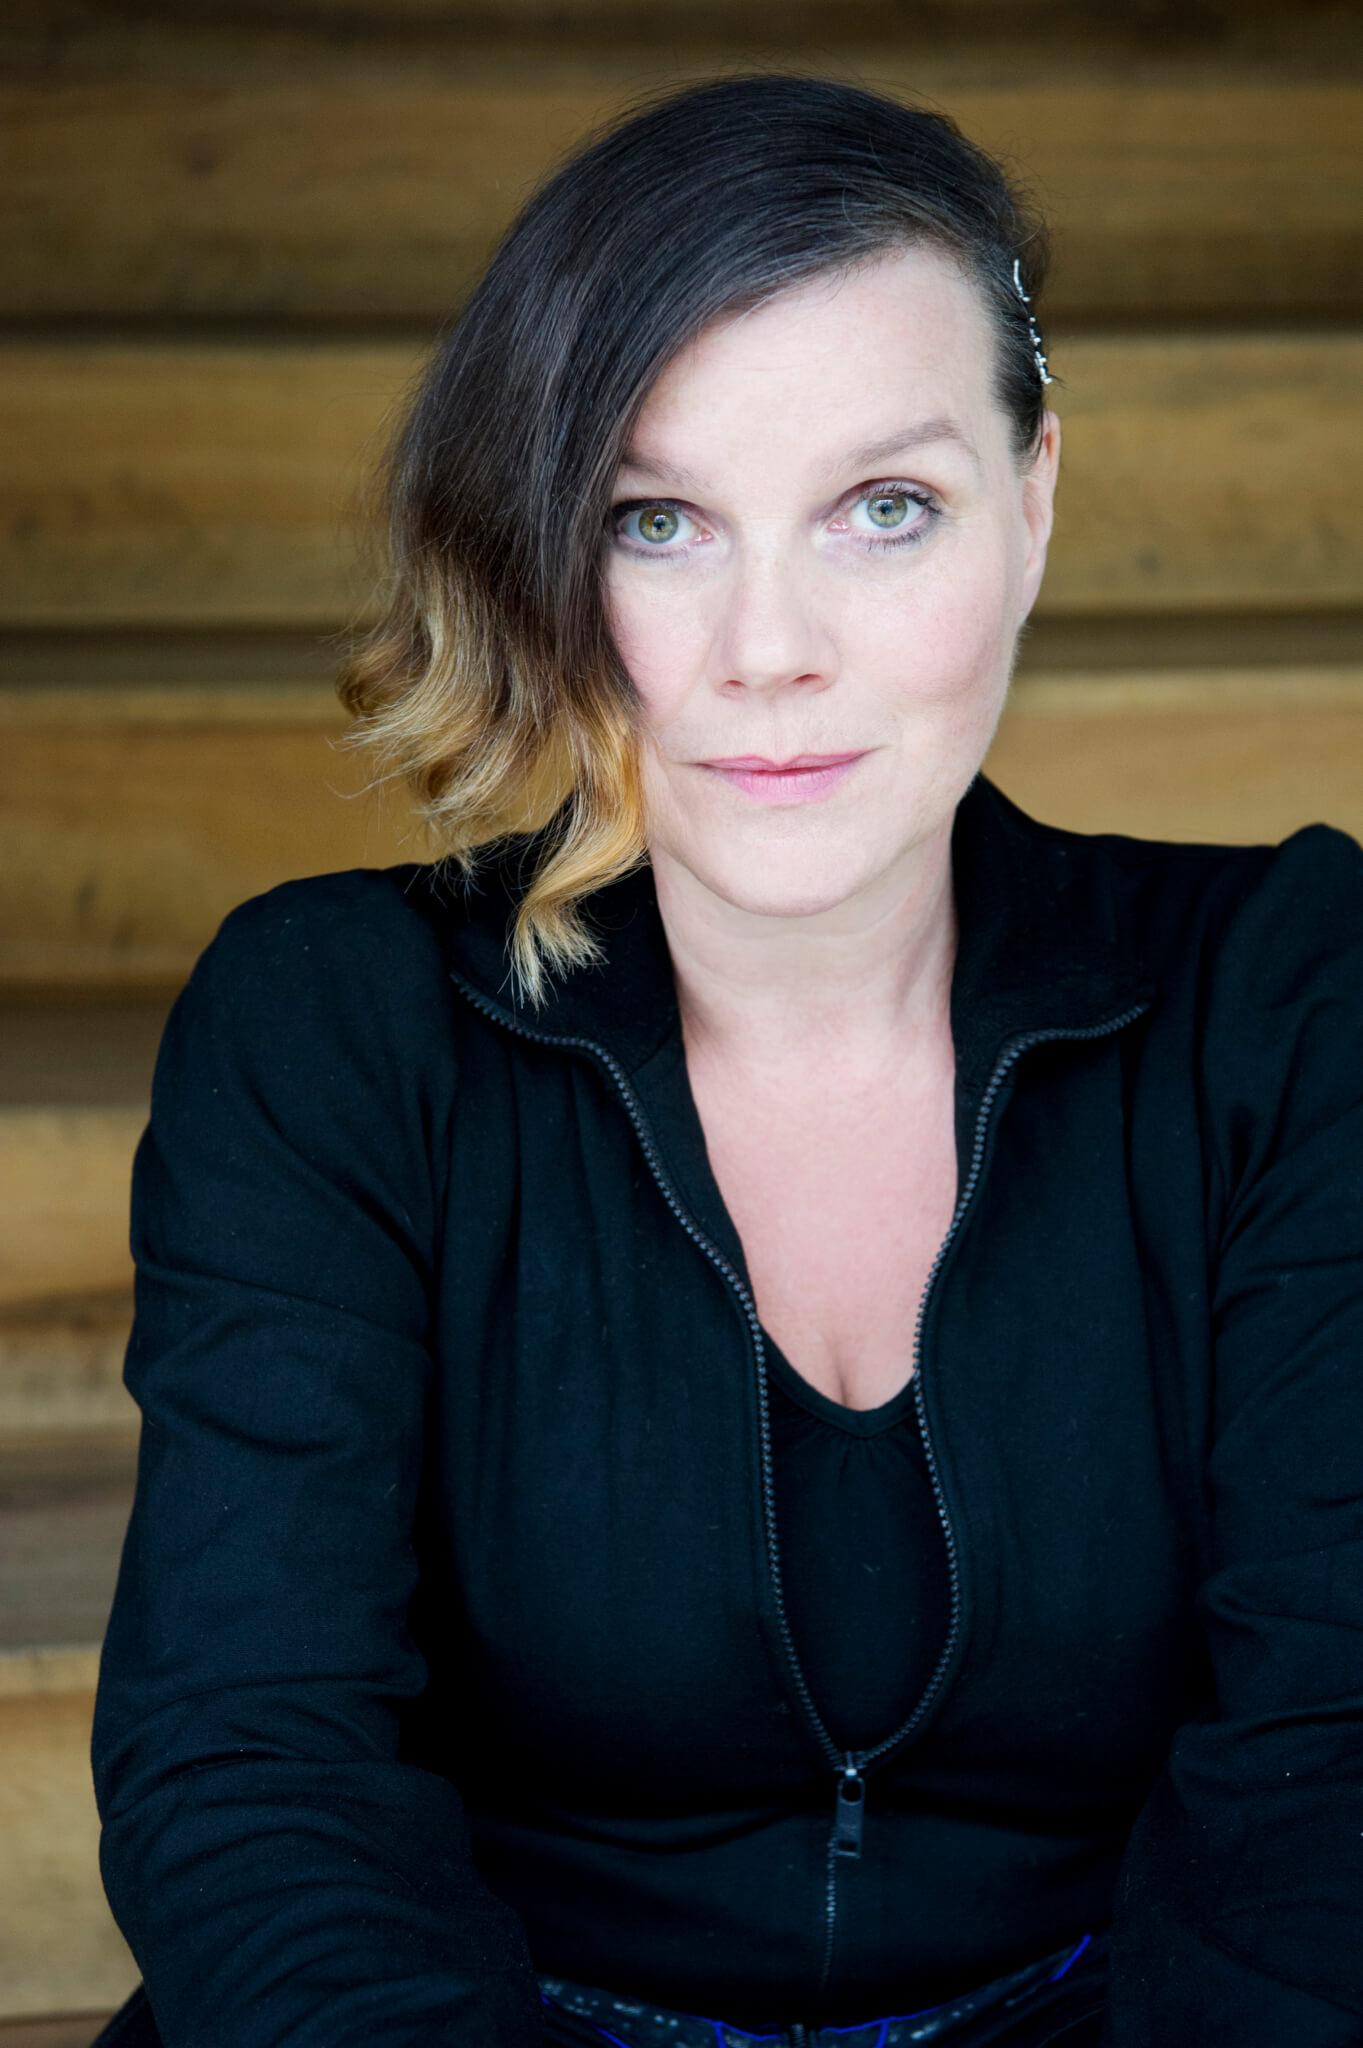 Claudia Bauer-Regisseurin